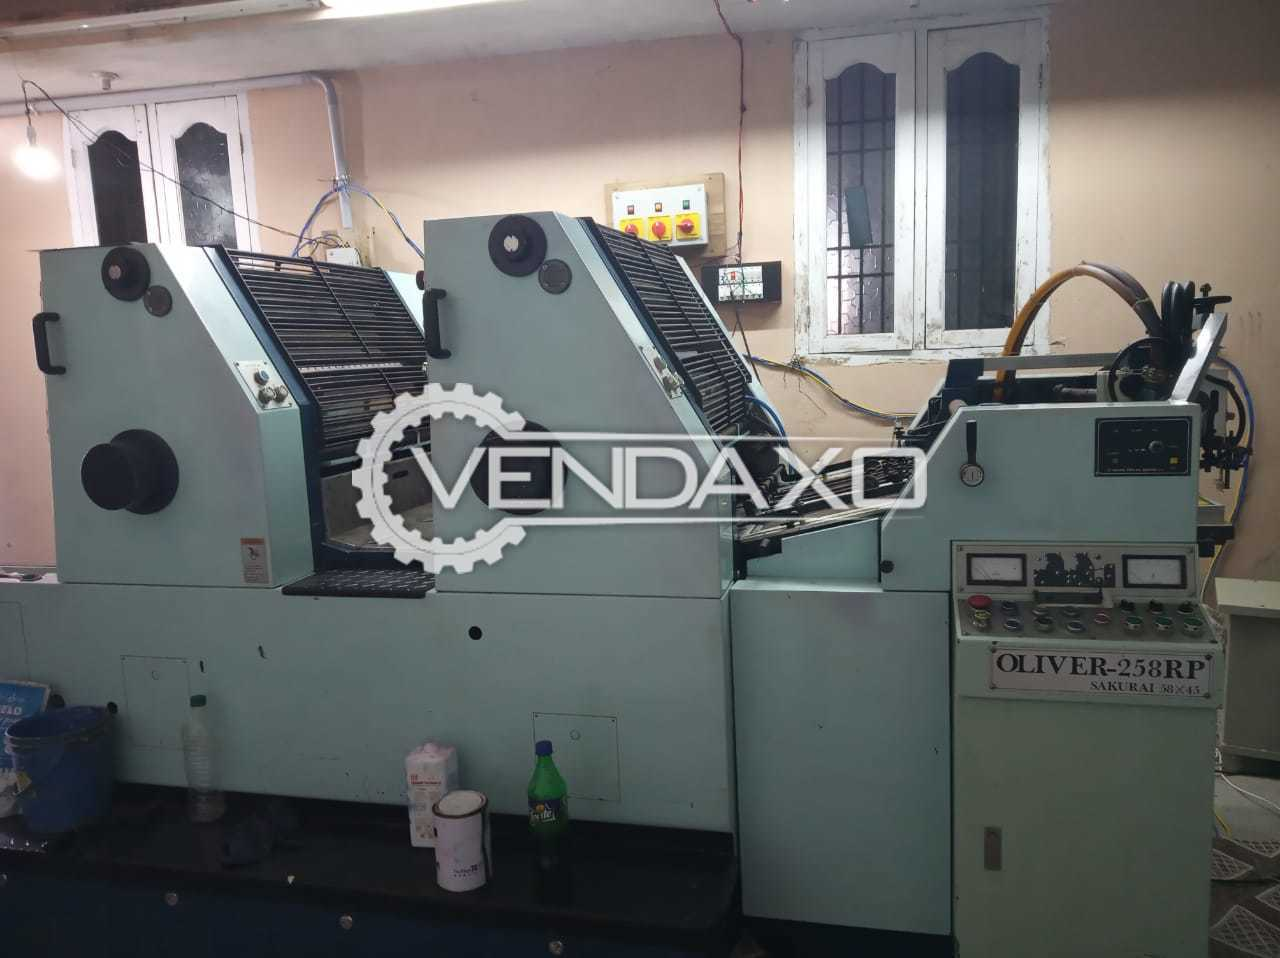 Sakurai Oliver 258 RP Offset Printing Machine - 58 x 45 CM, 2 Color